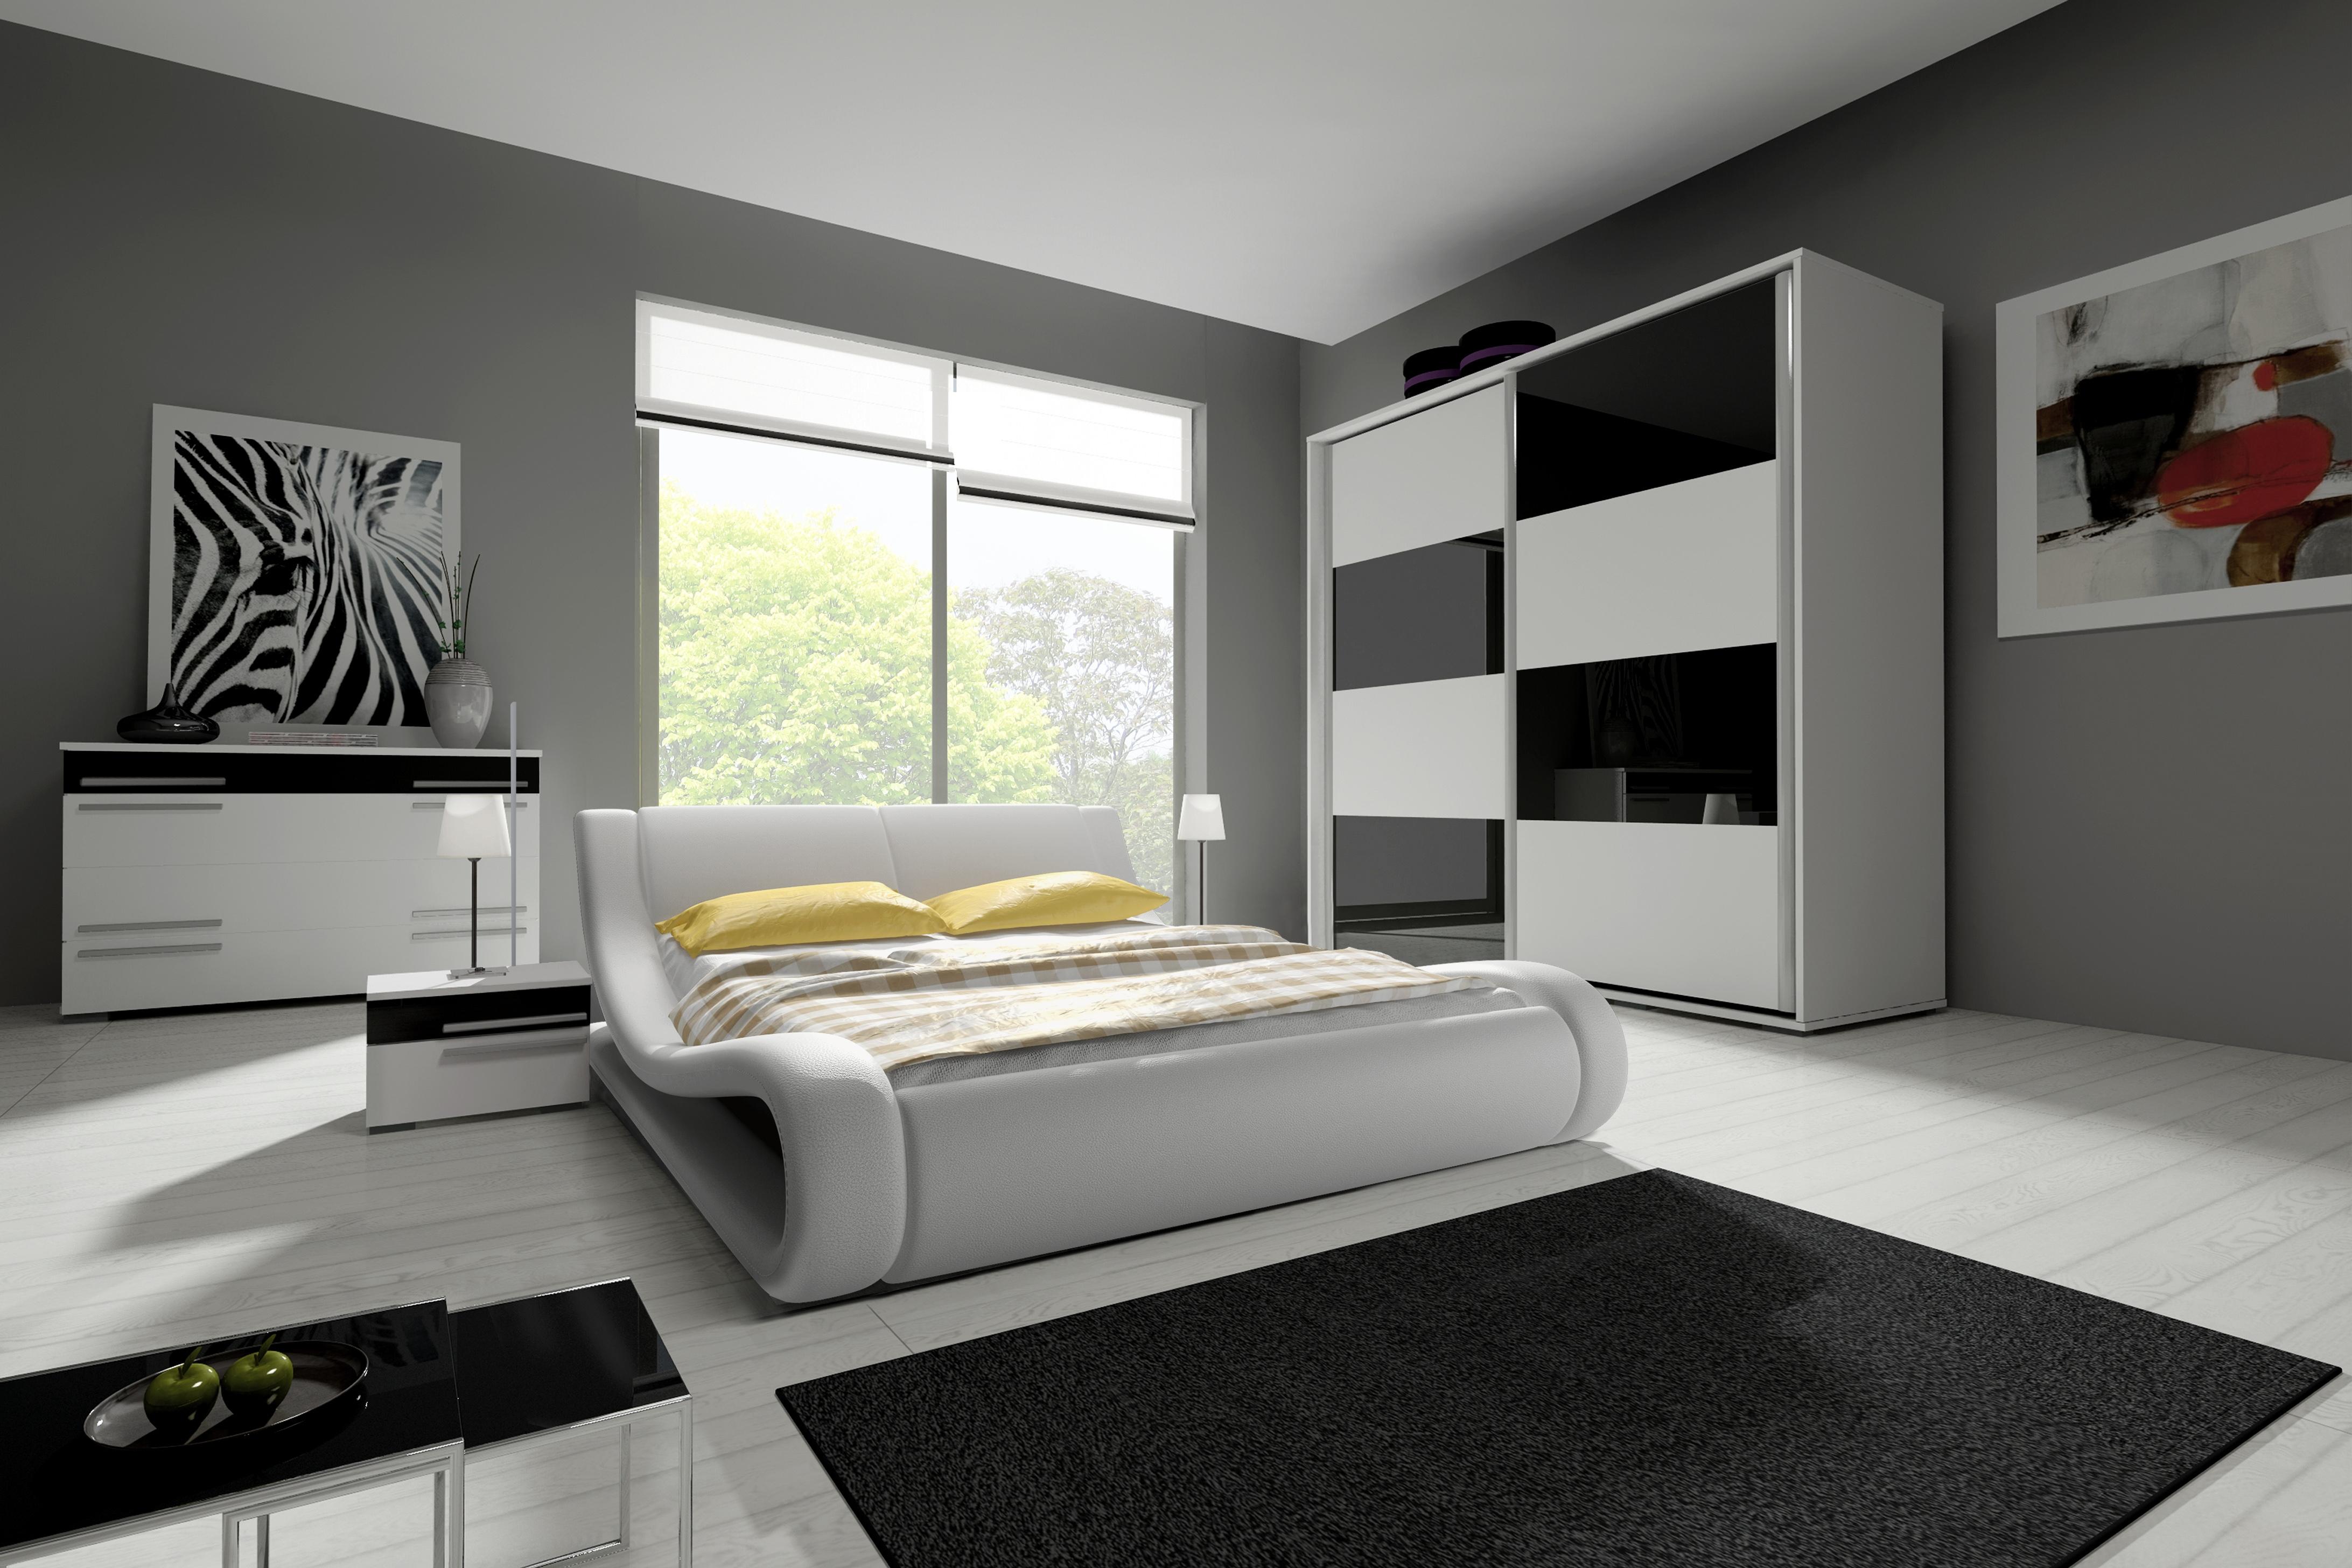 Ložnicová sestava KAYLA III (2x noční stolek, komoda, skříň 240, postel TRINITY 180x200), bílá/fialová lesk